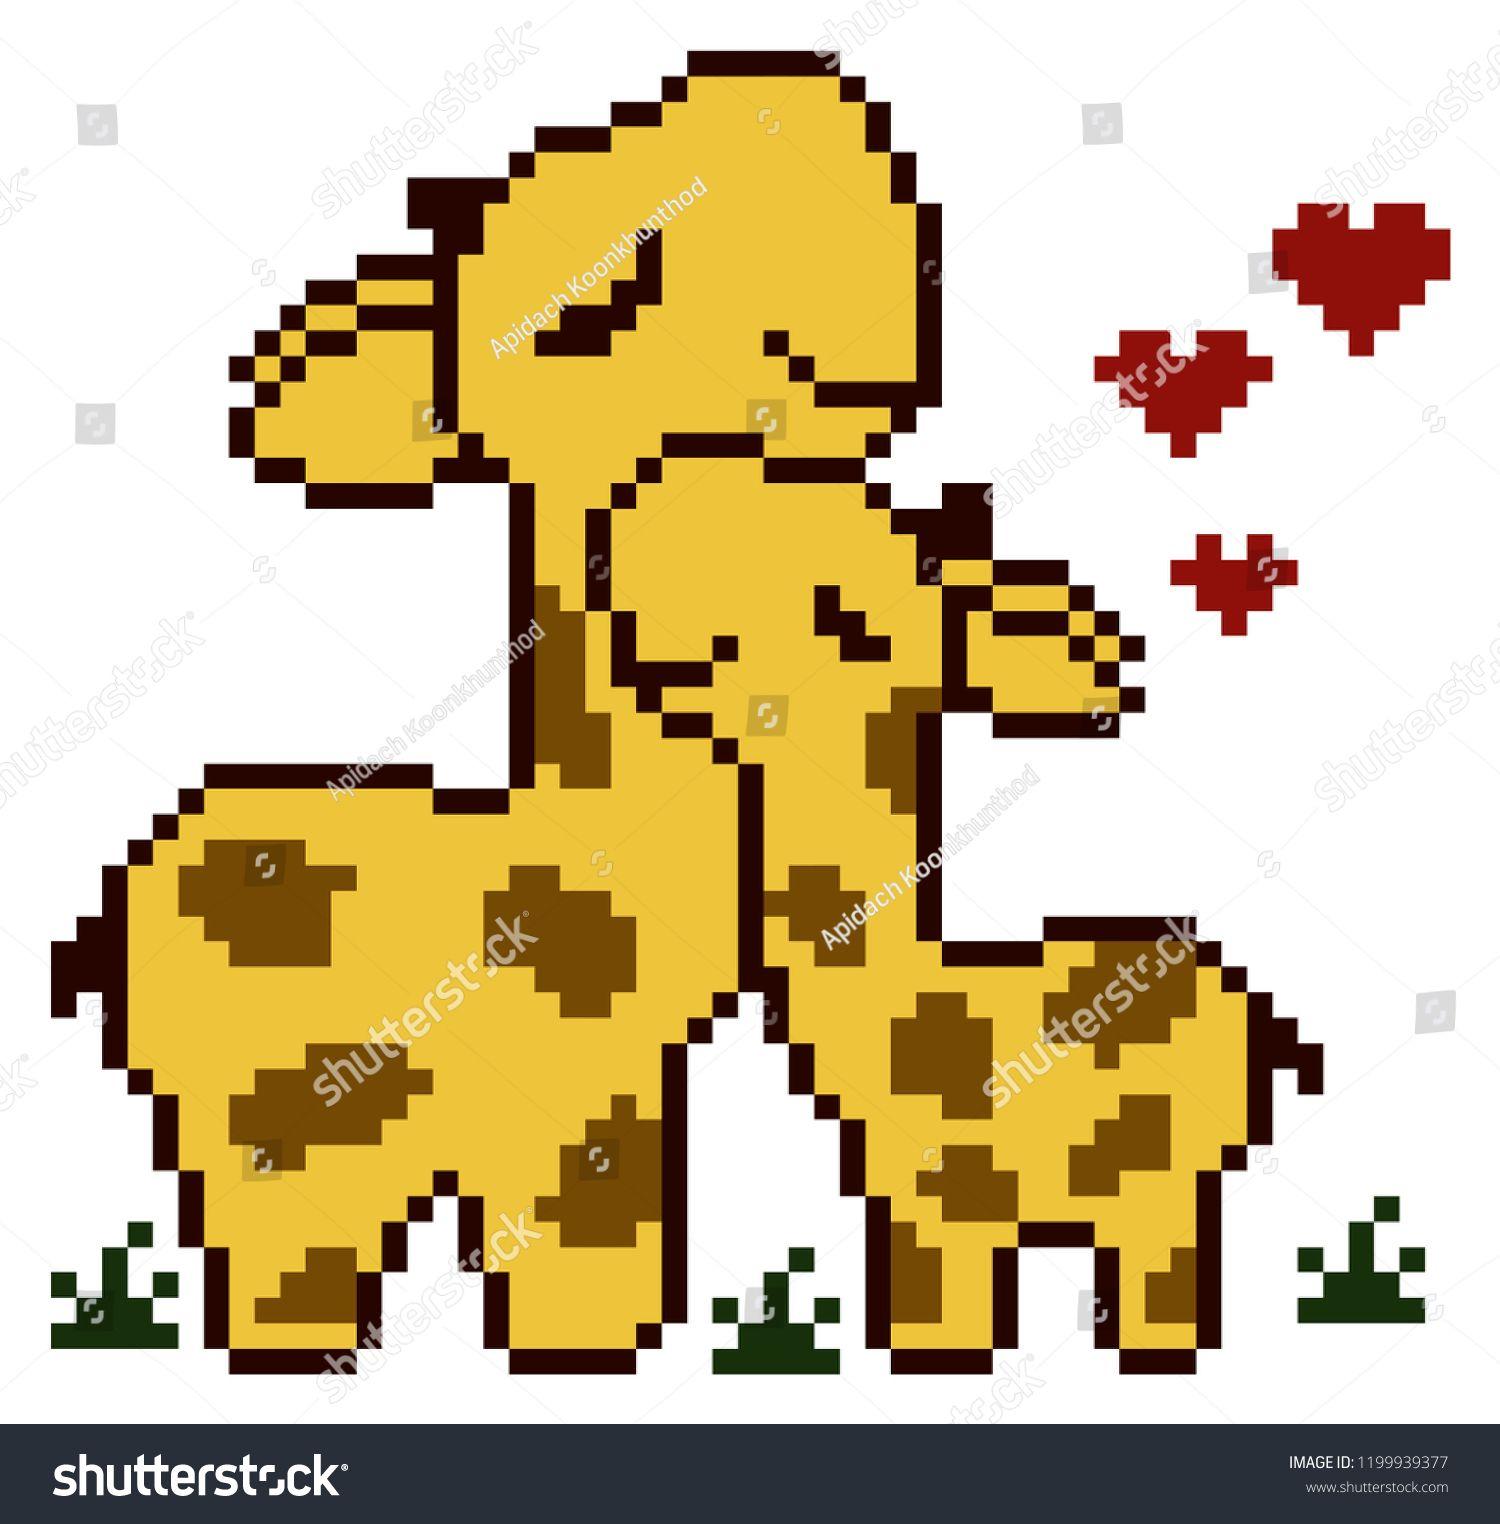 Giraffes Pixel Art Ad Ad Giraffespixelart Pixel